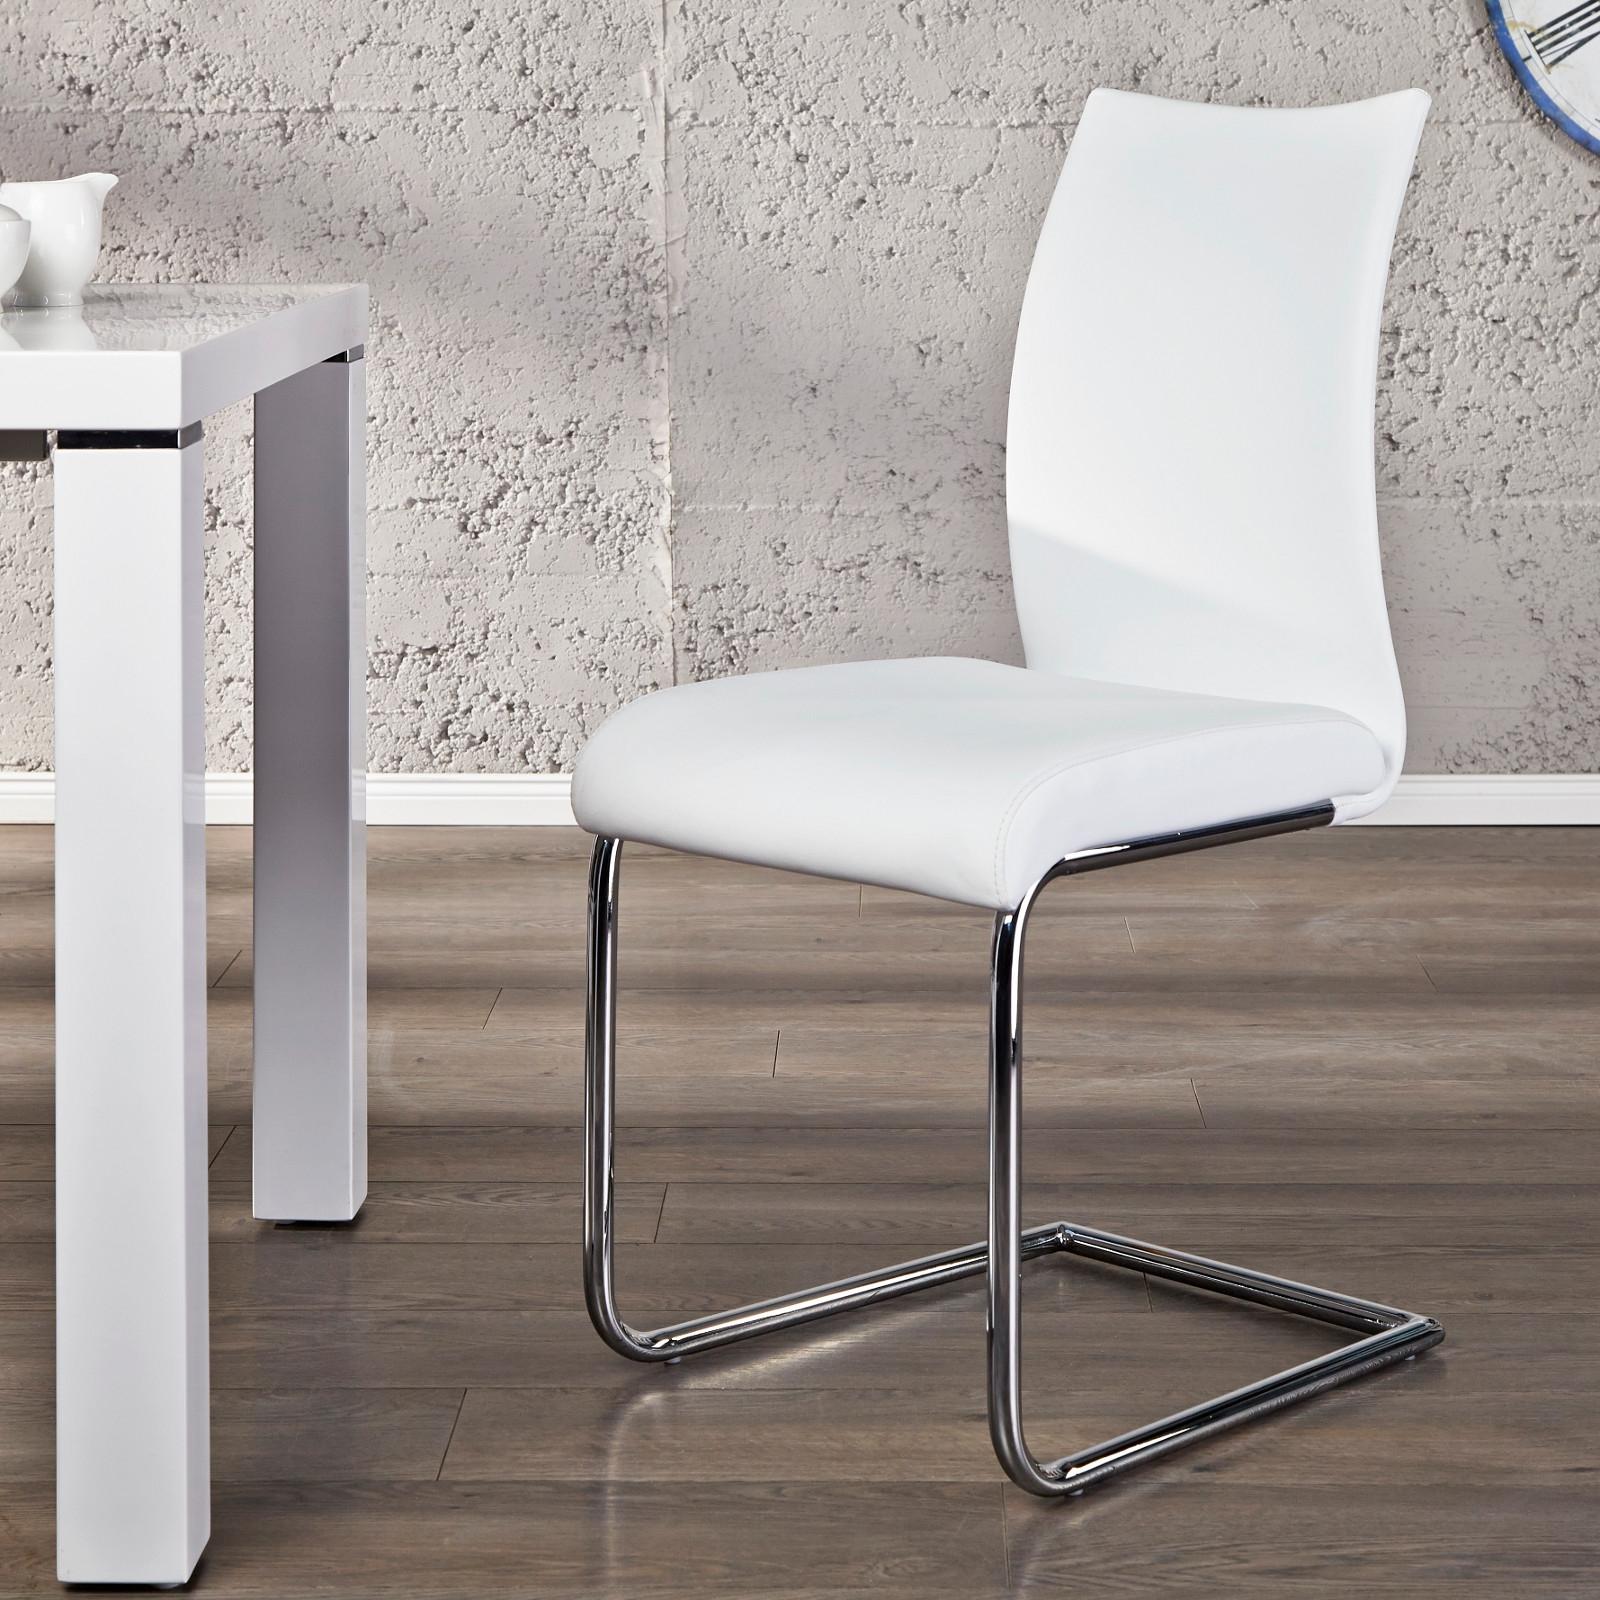 Design freischwinger stuhl balanced wei esstisch for Design stuhl freischwinger